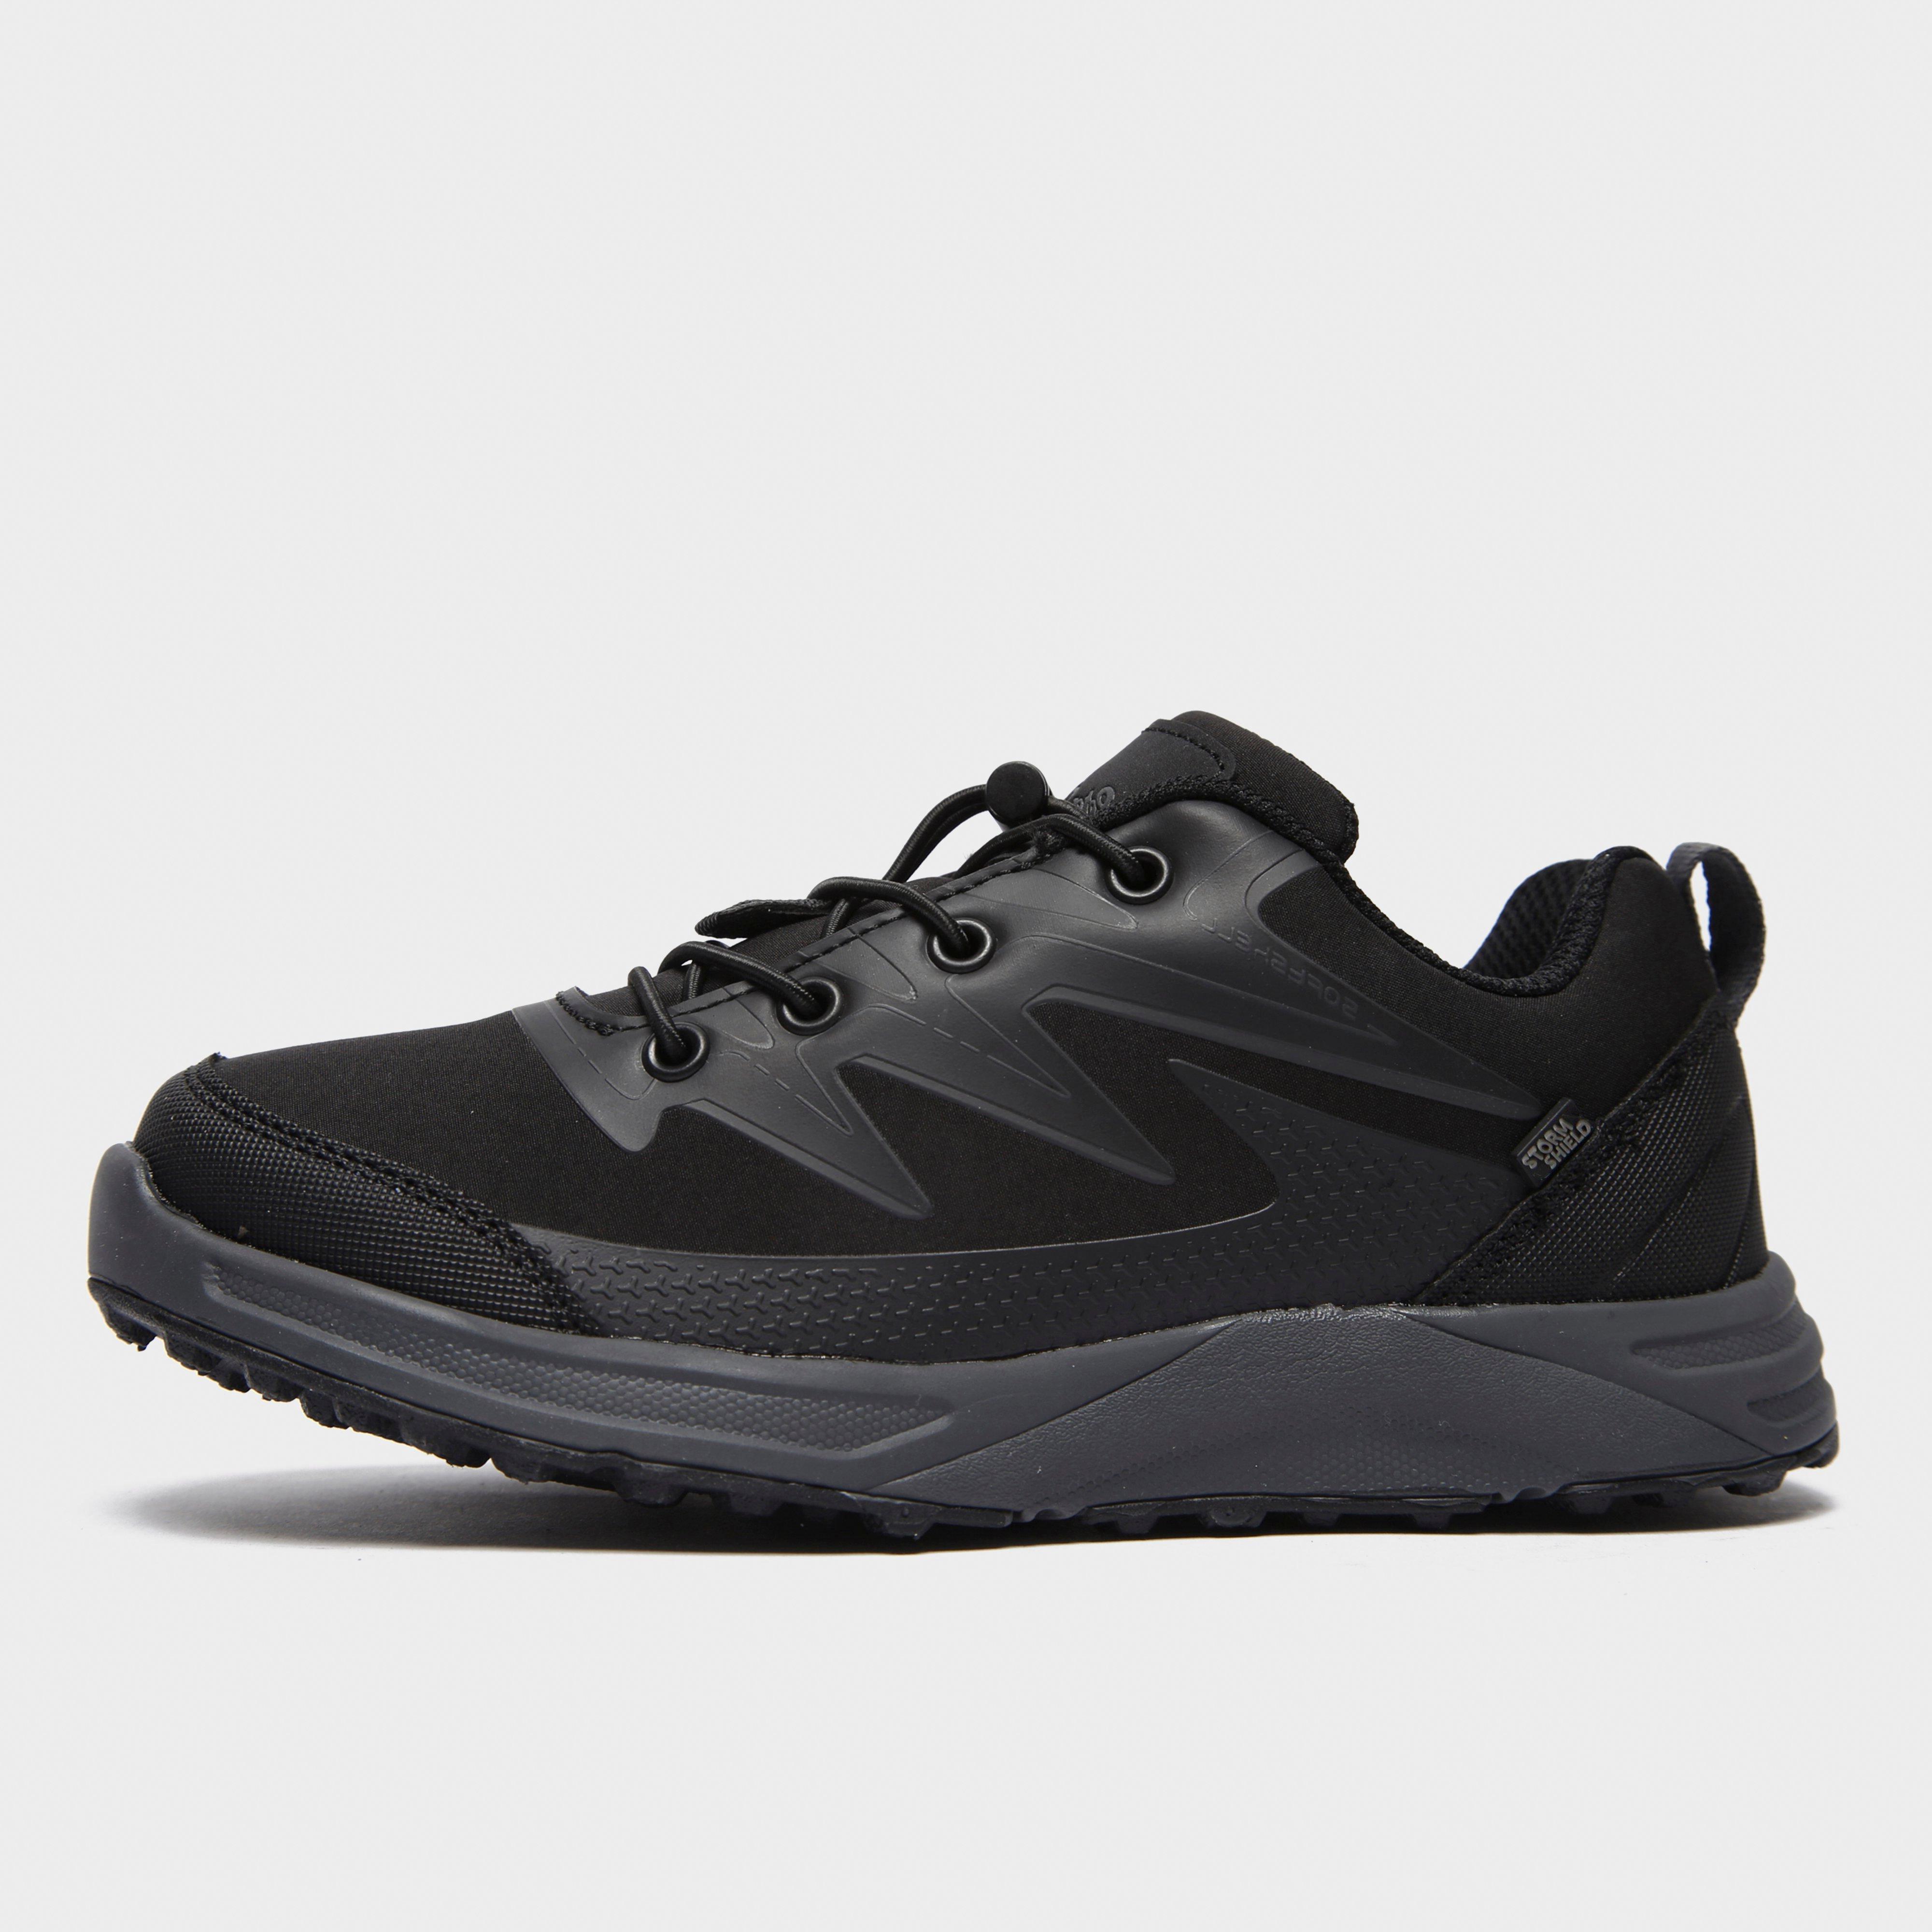 Peter Storm Kid's Bentley Waterproof Shoe - Black, Black